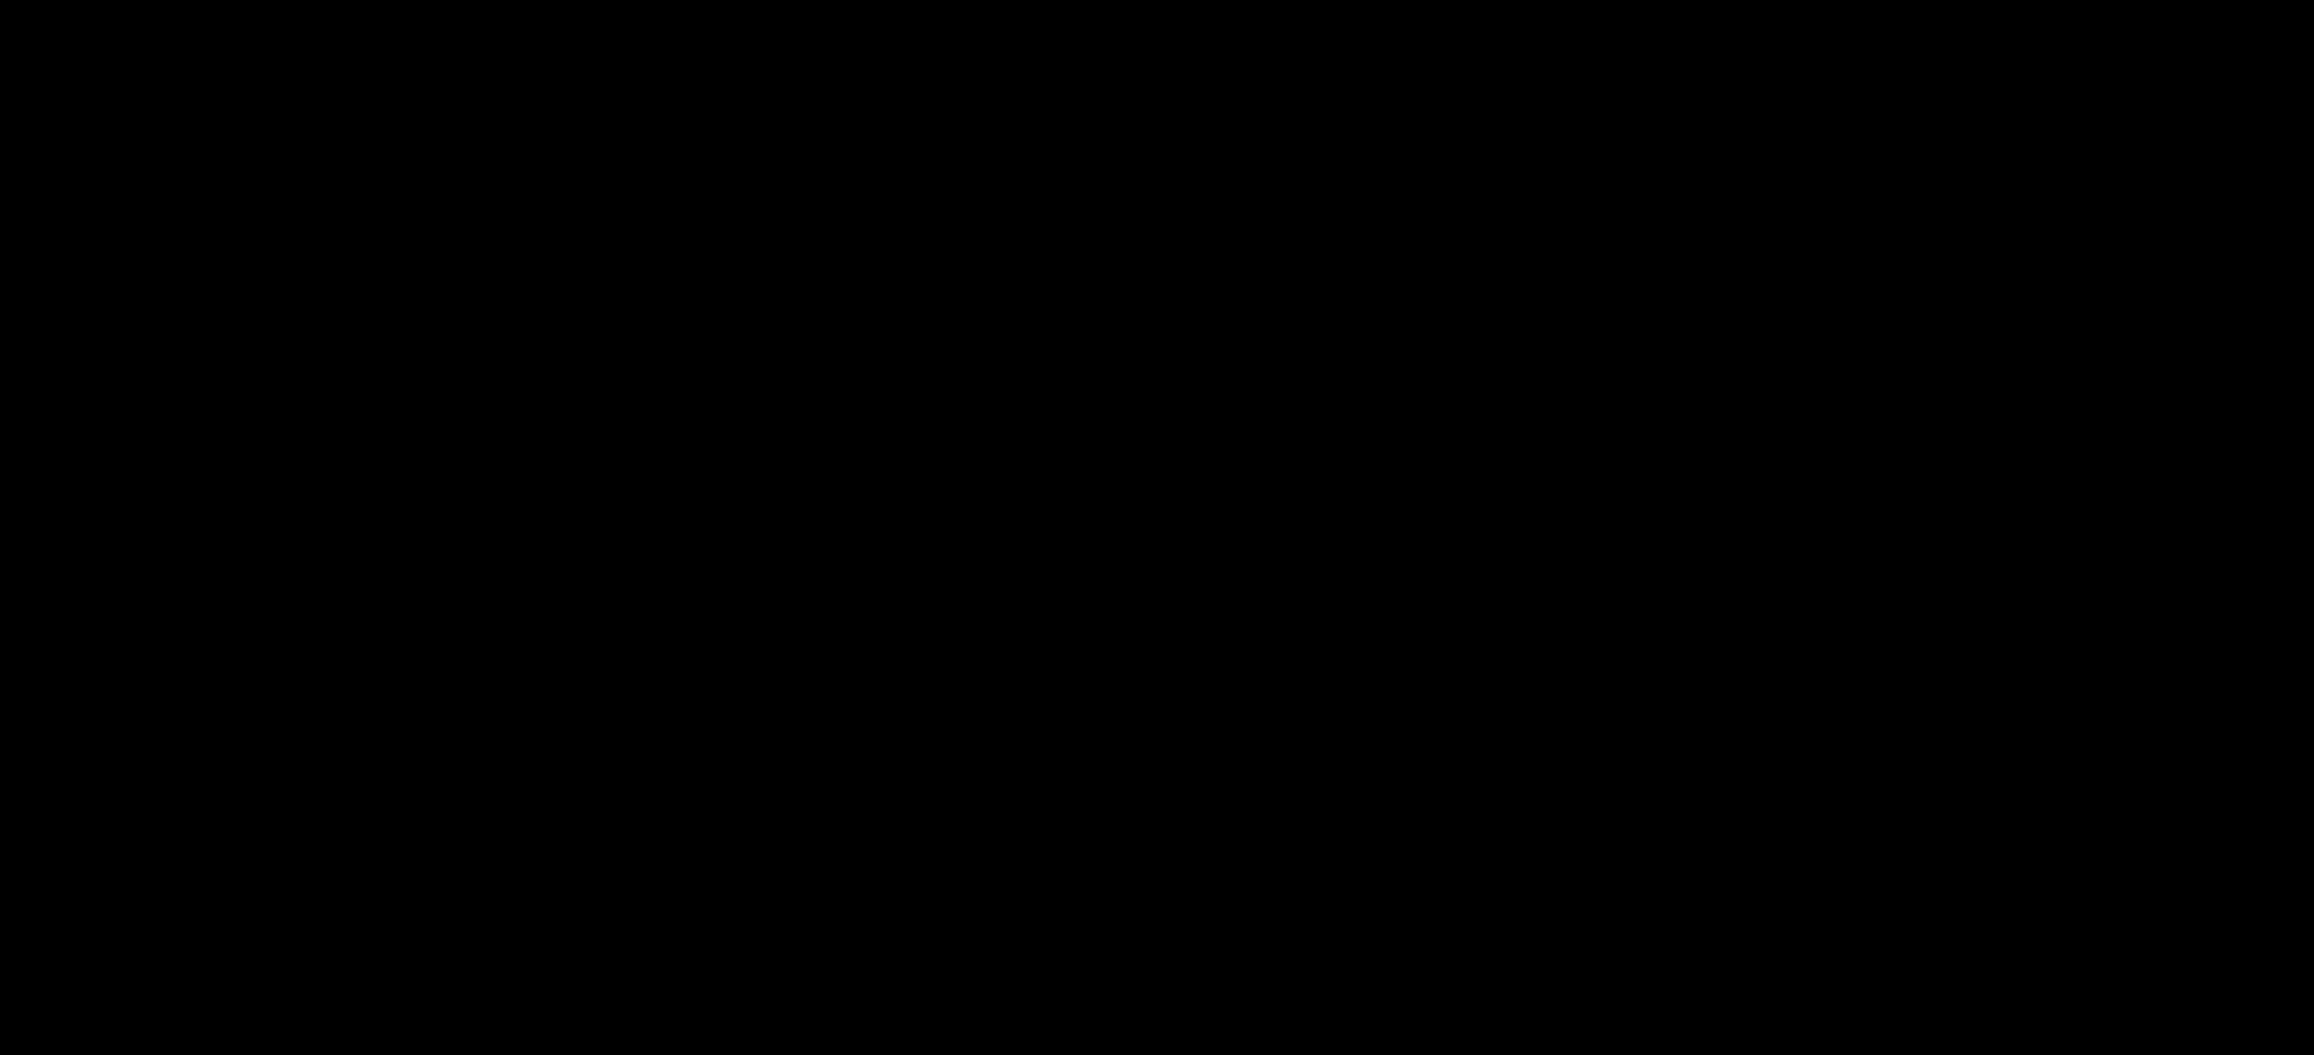 2-MAPB Hydrochloride (1.0 mg/mL in Methanol)